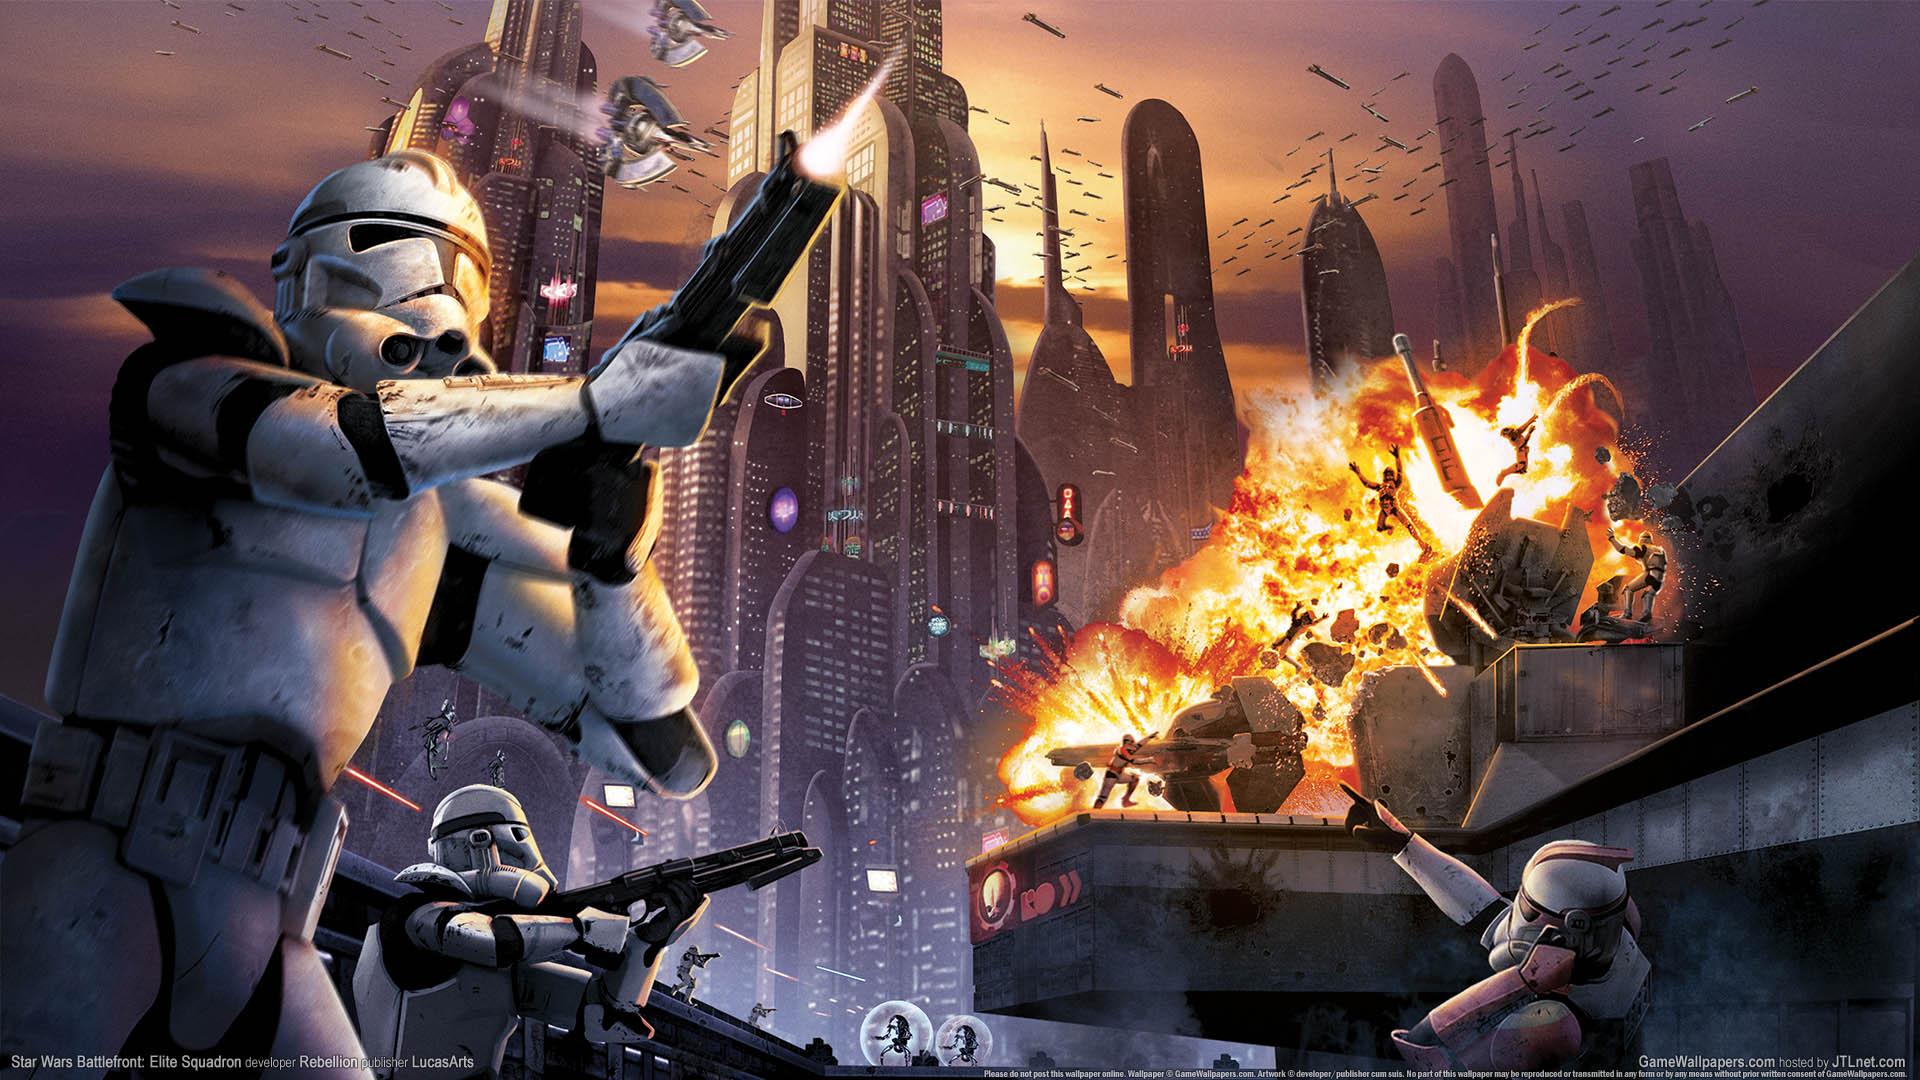 Star Wars Battlefront: Elite Squadron Hintergrundbild 02 1920x1080